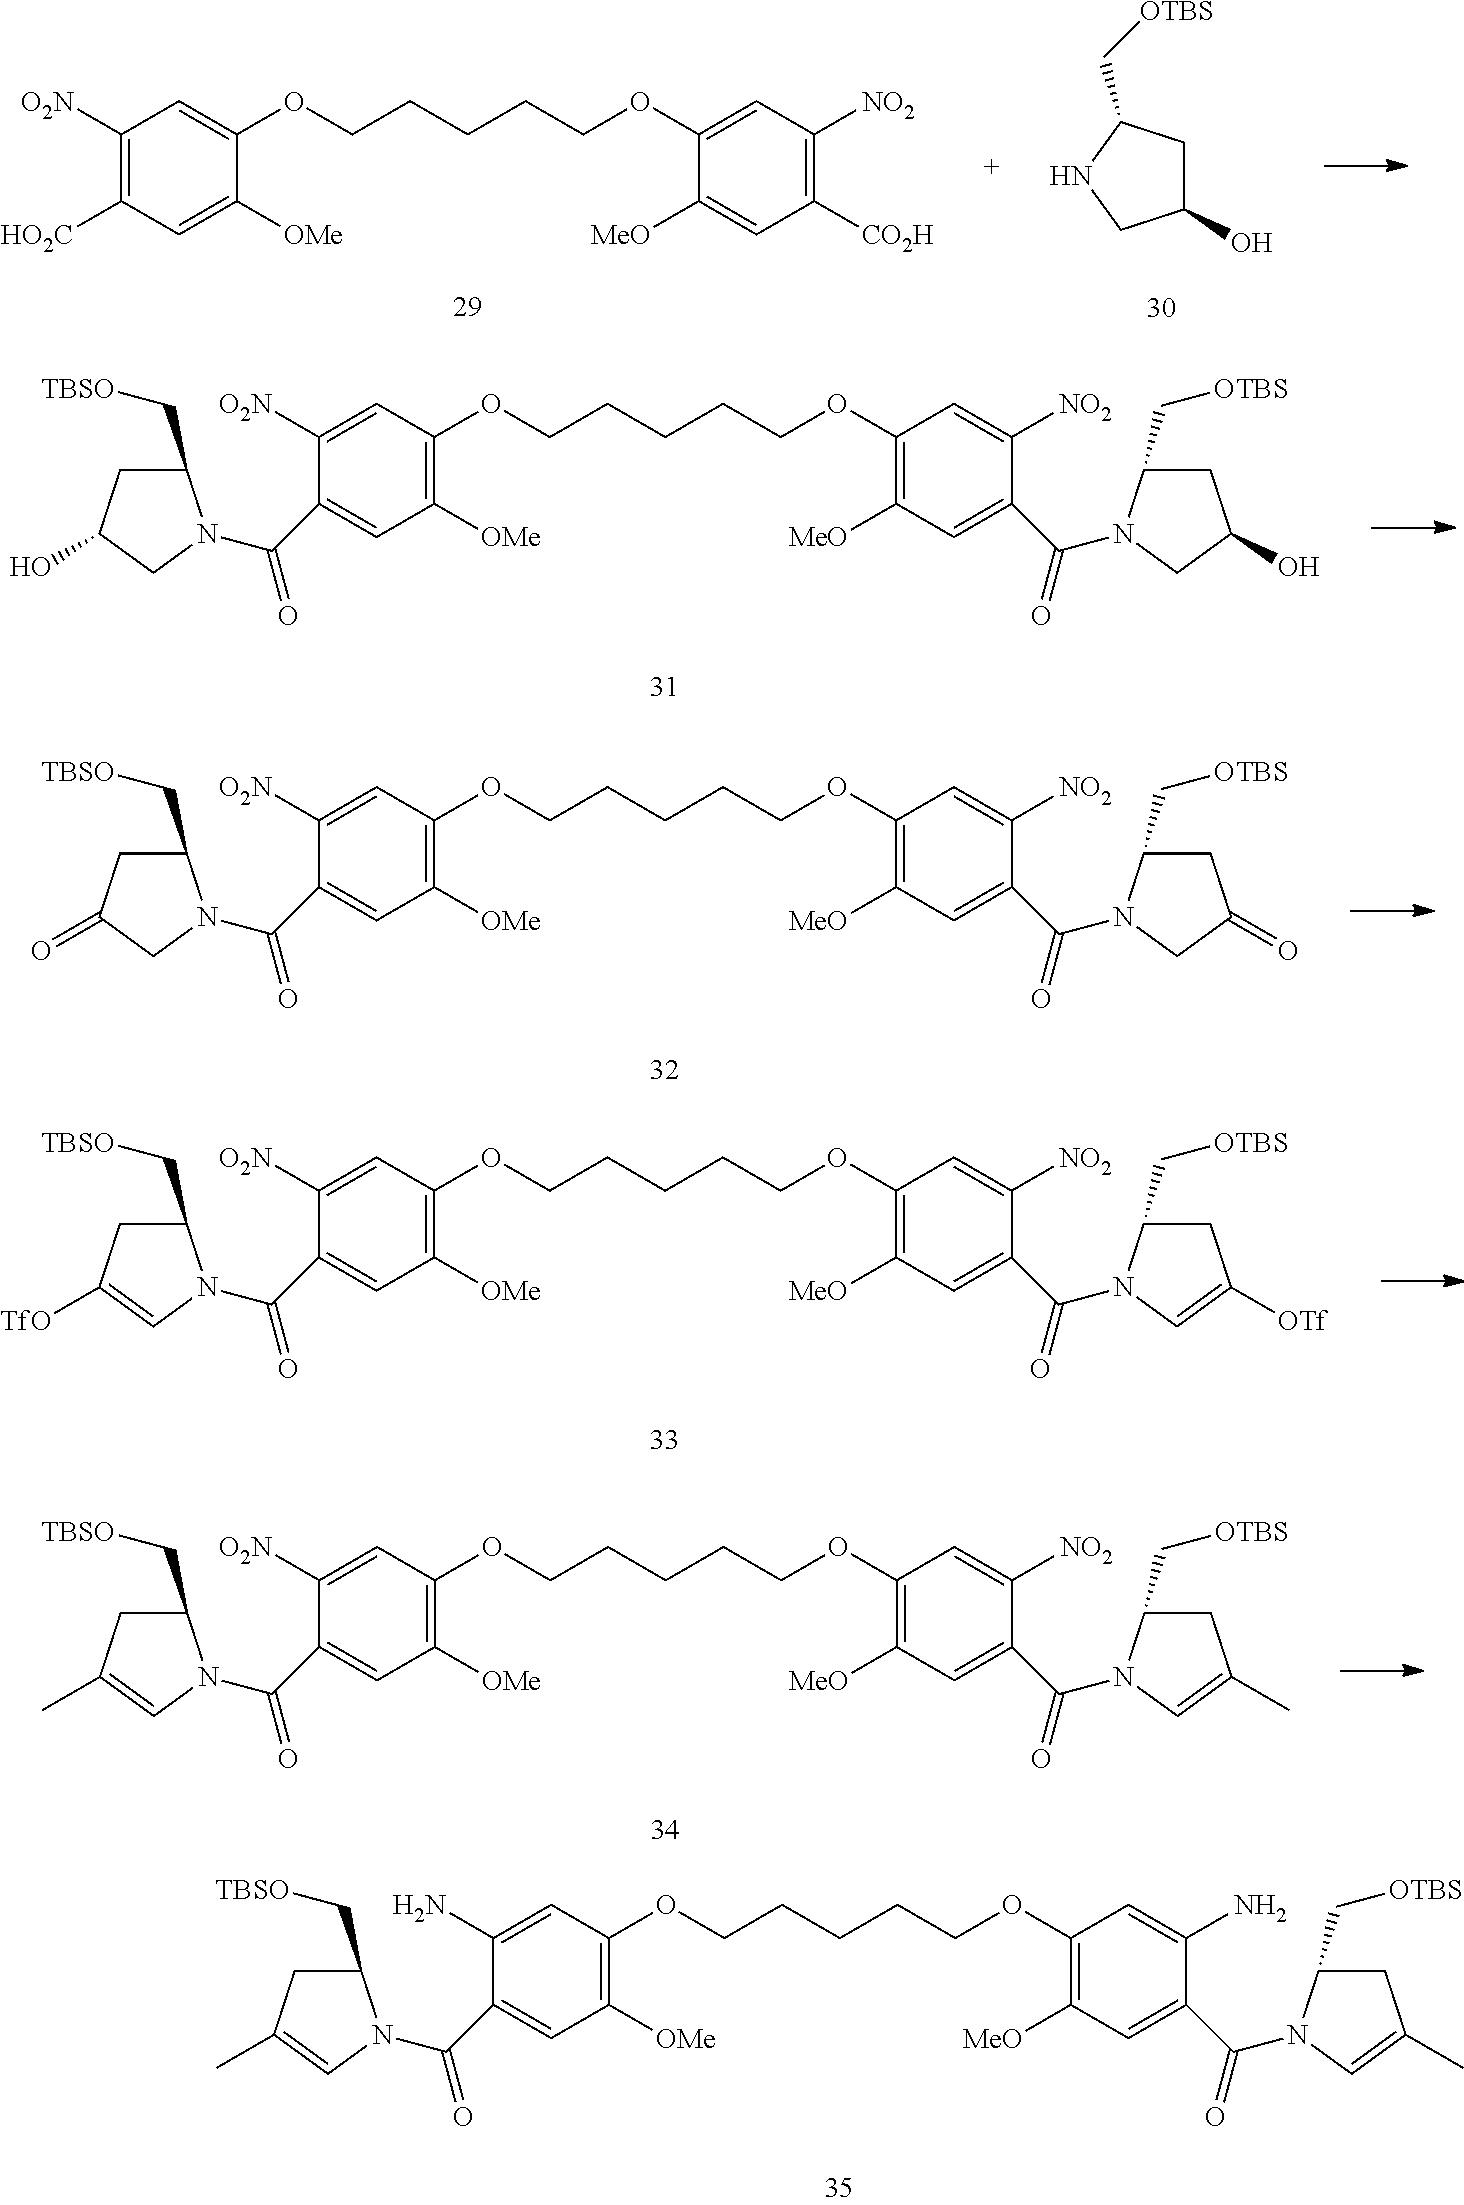 Figure US09956299-20180501-C00021